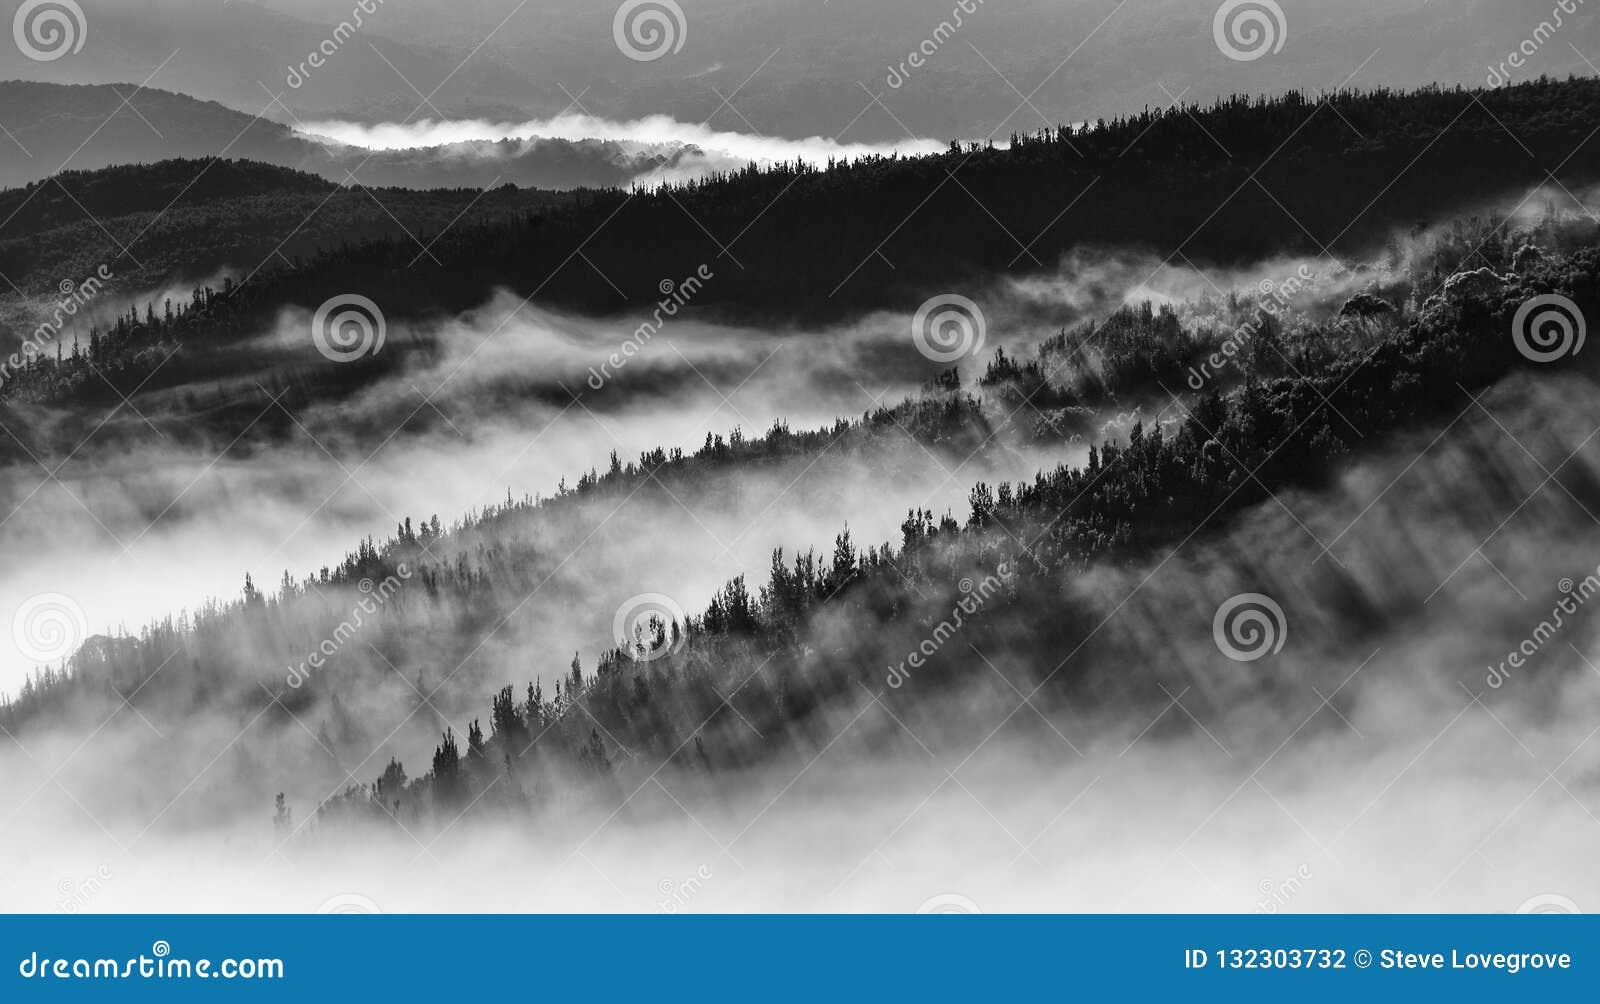 Черно-белое изображение ландшафта холмов